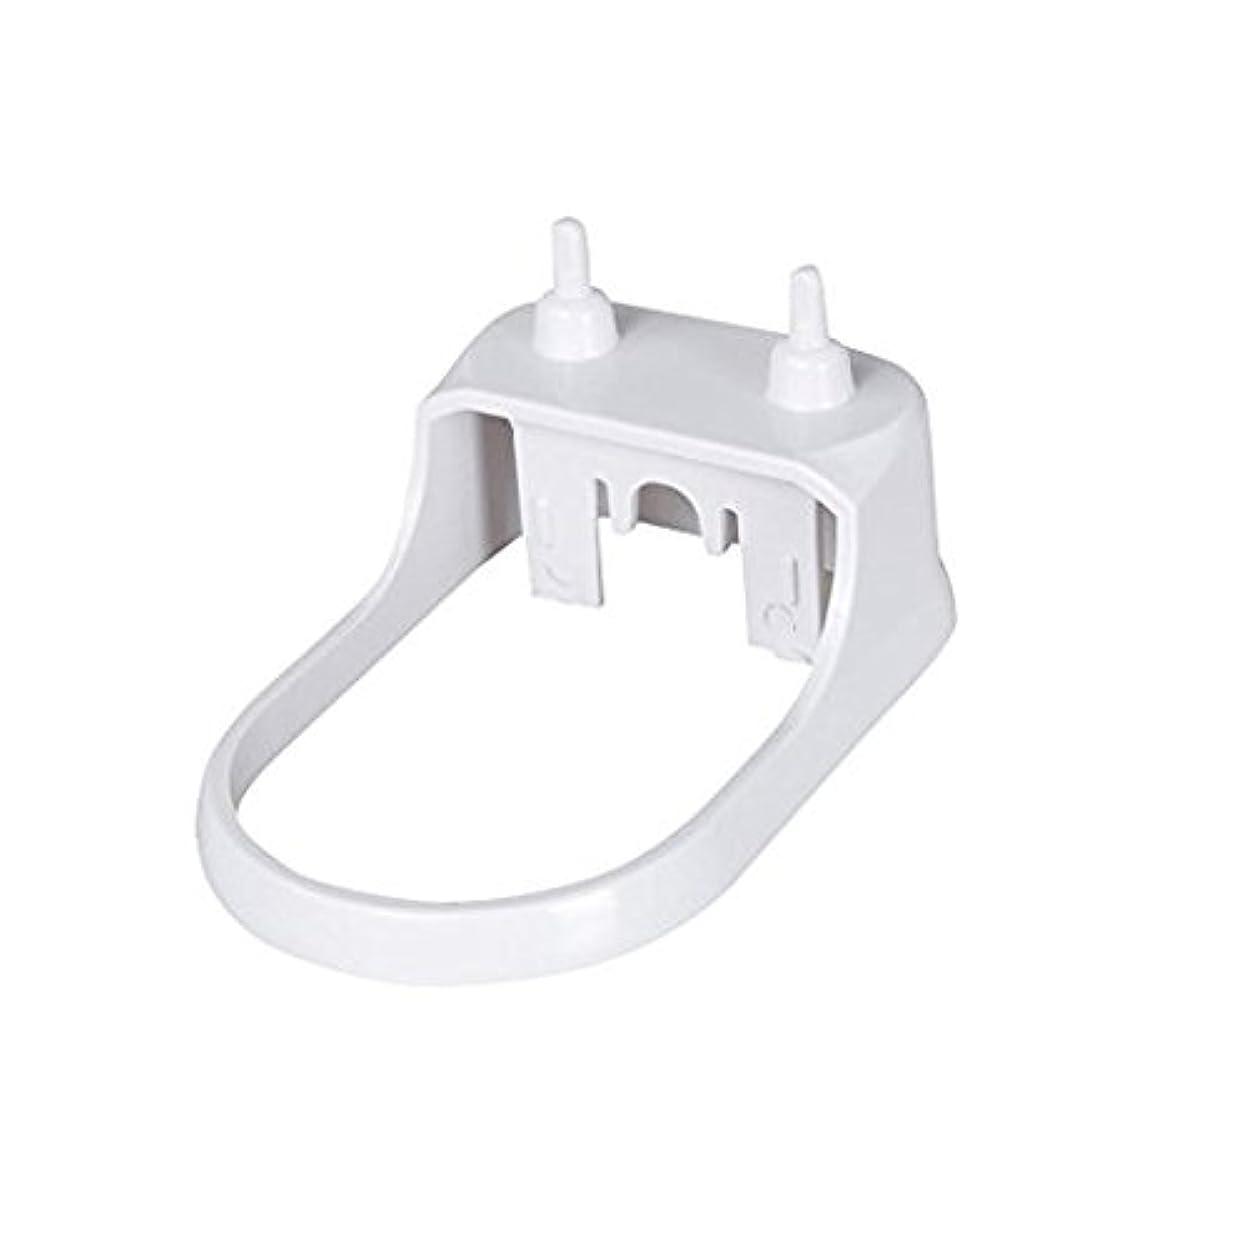 ラショナルおなじみの航海ハードプラスチックスタンド for Philips sonicare 電動歯ブラシ専用 携帯用小型充電器 フィリップス ソニッケアー音波電動歯ブラシ 充電器 by Kadior (ホワイト)